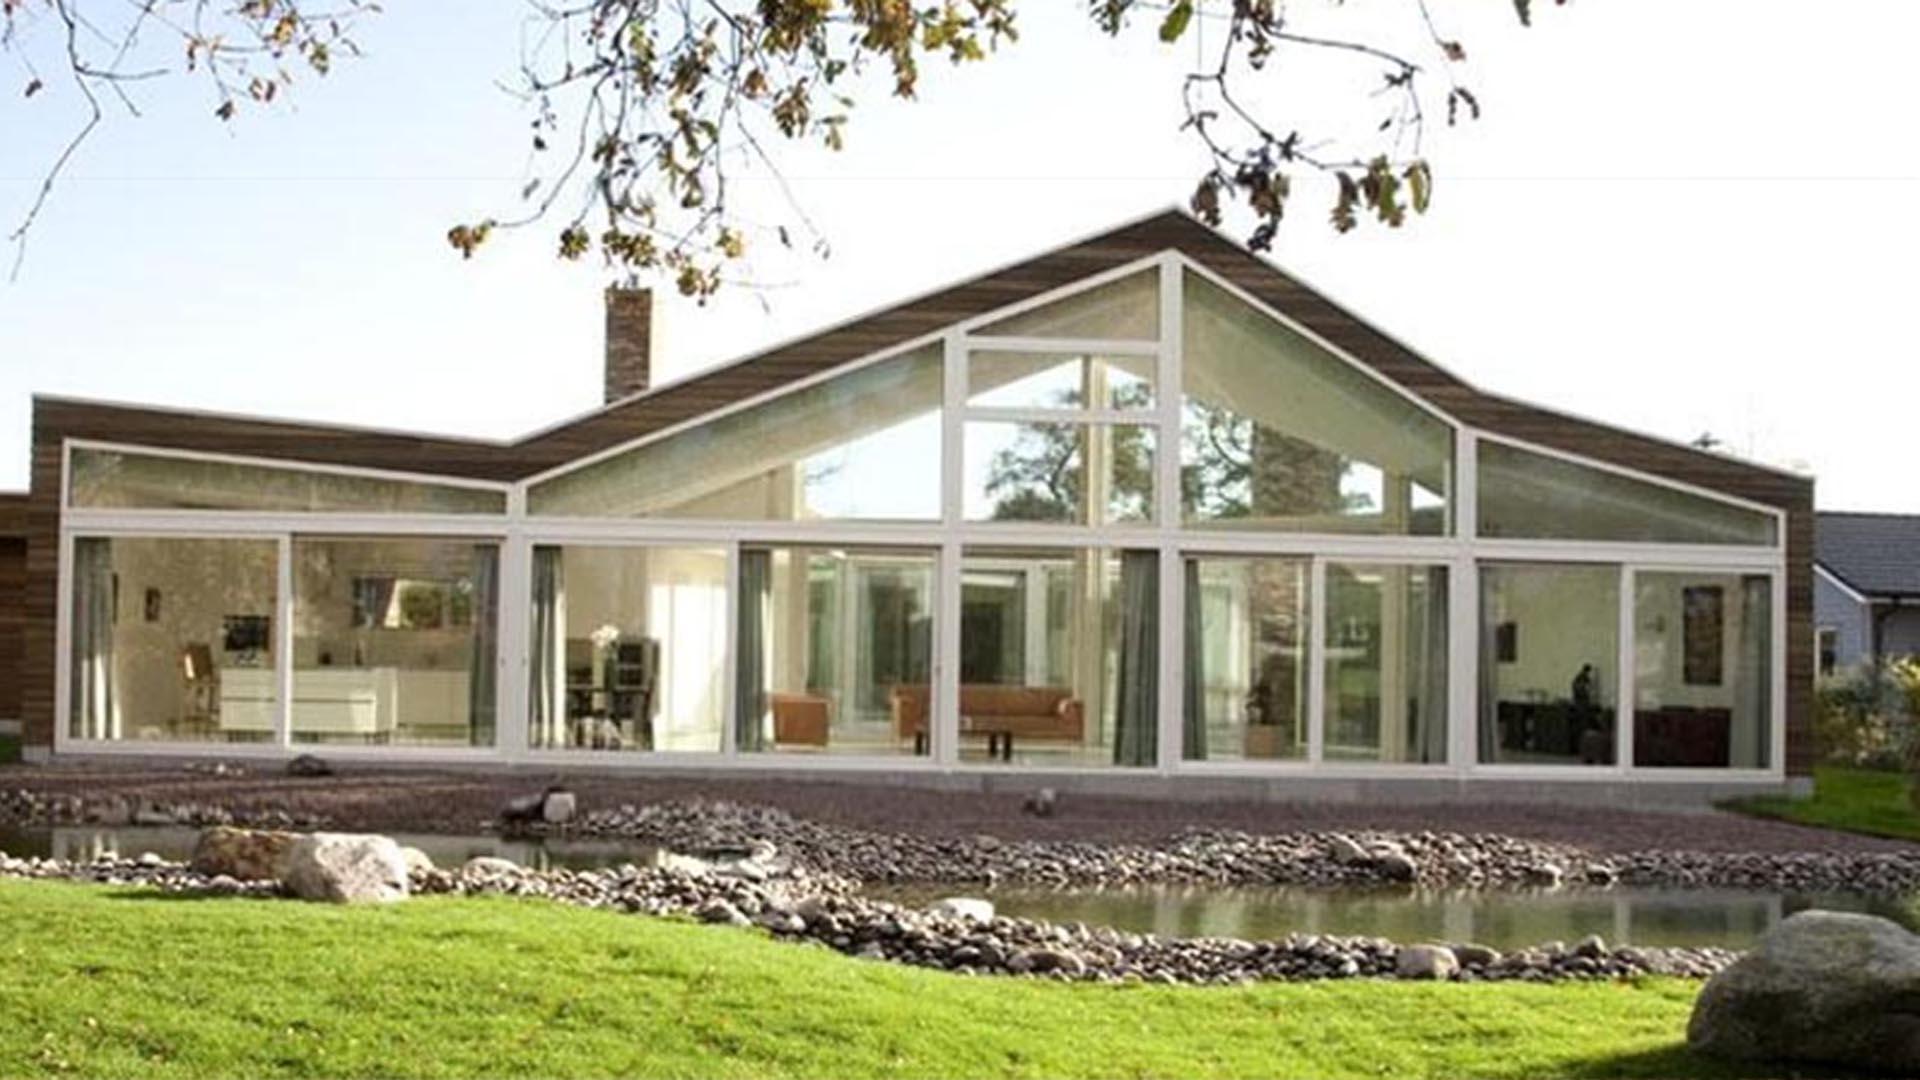 Фасад этого голландского одноэтажного дома запроектирован полностью стеклянным